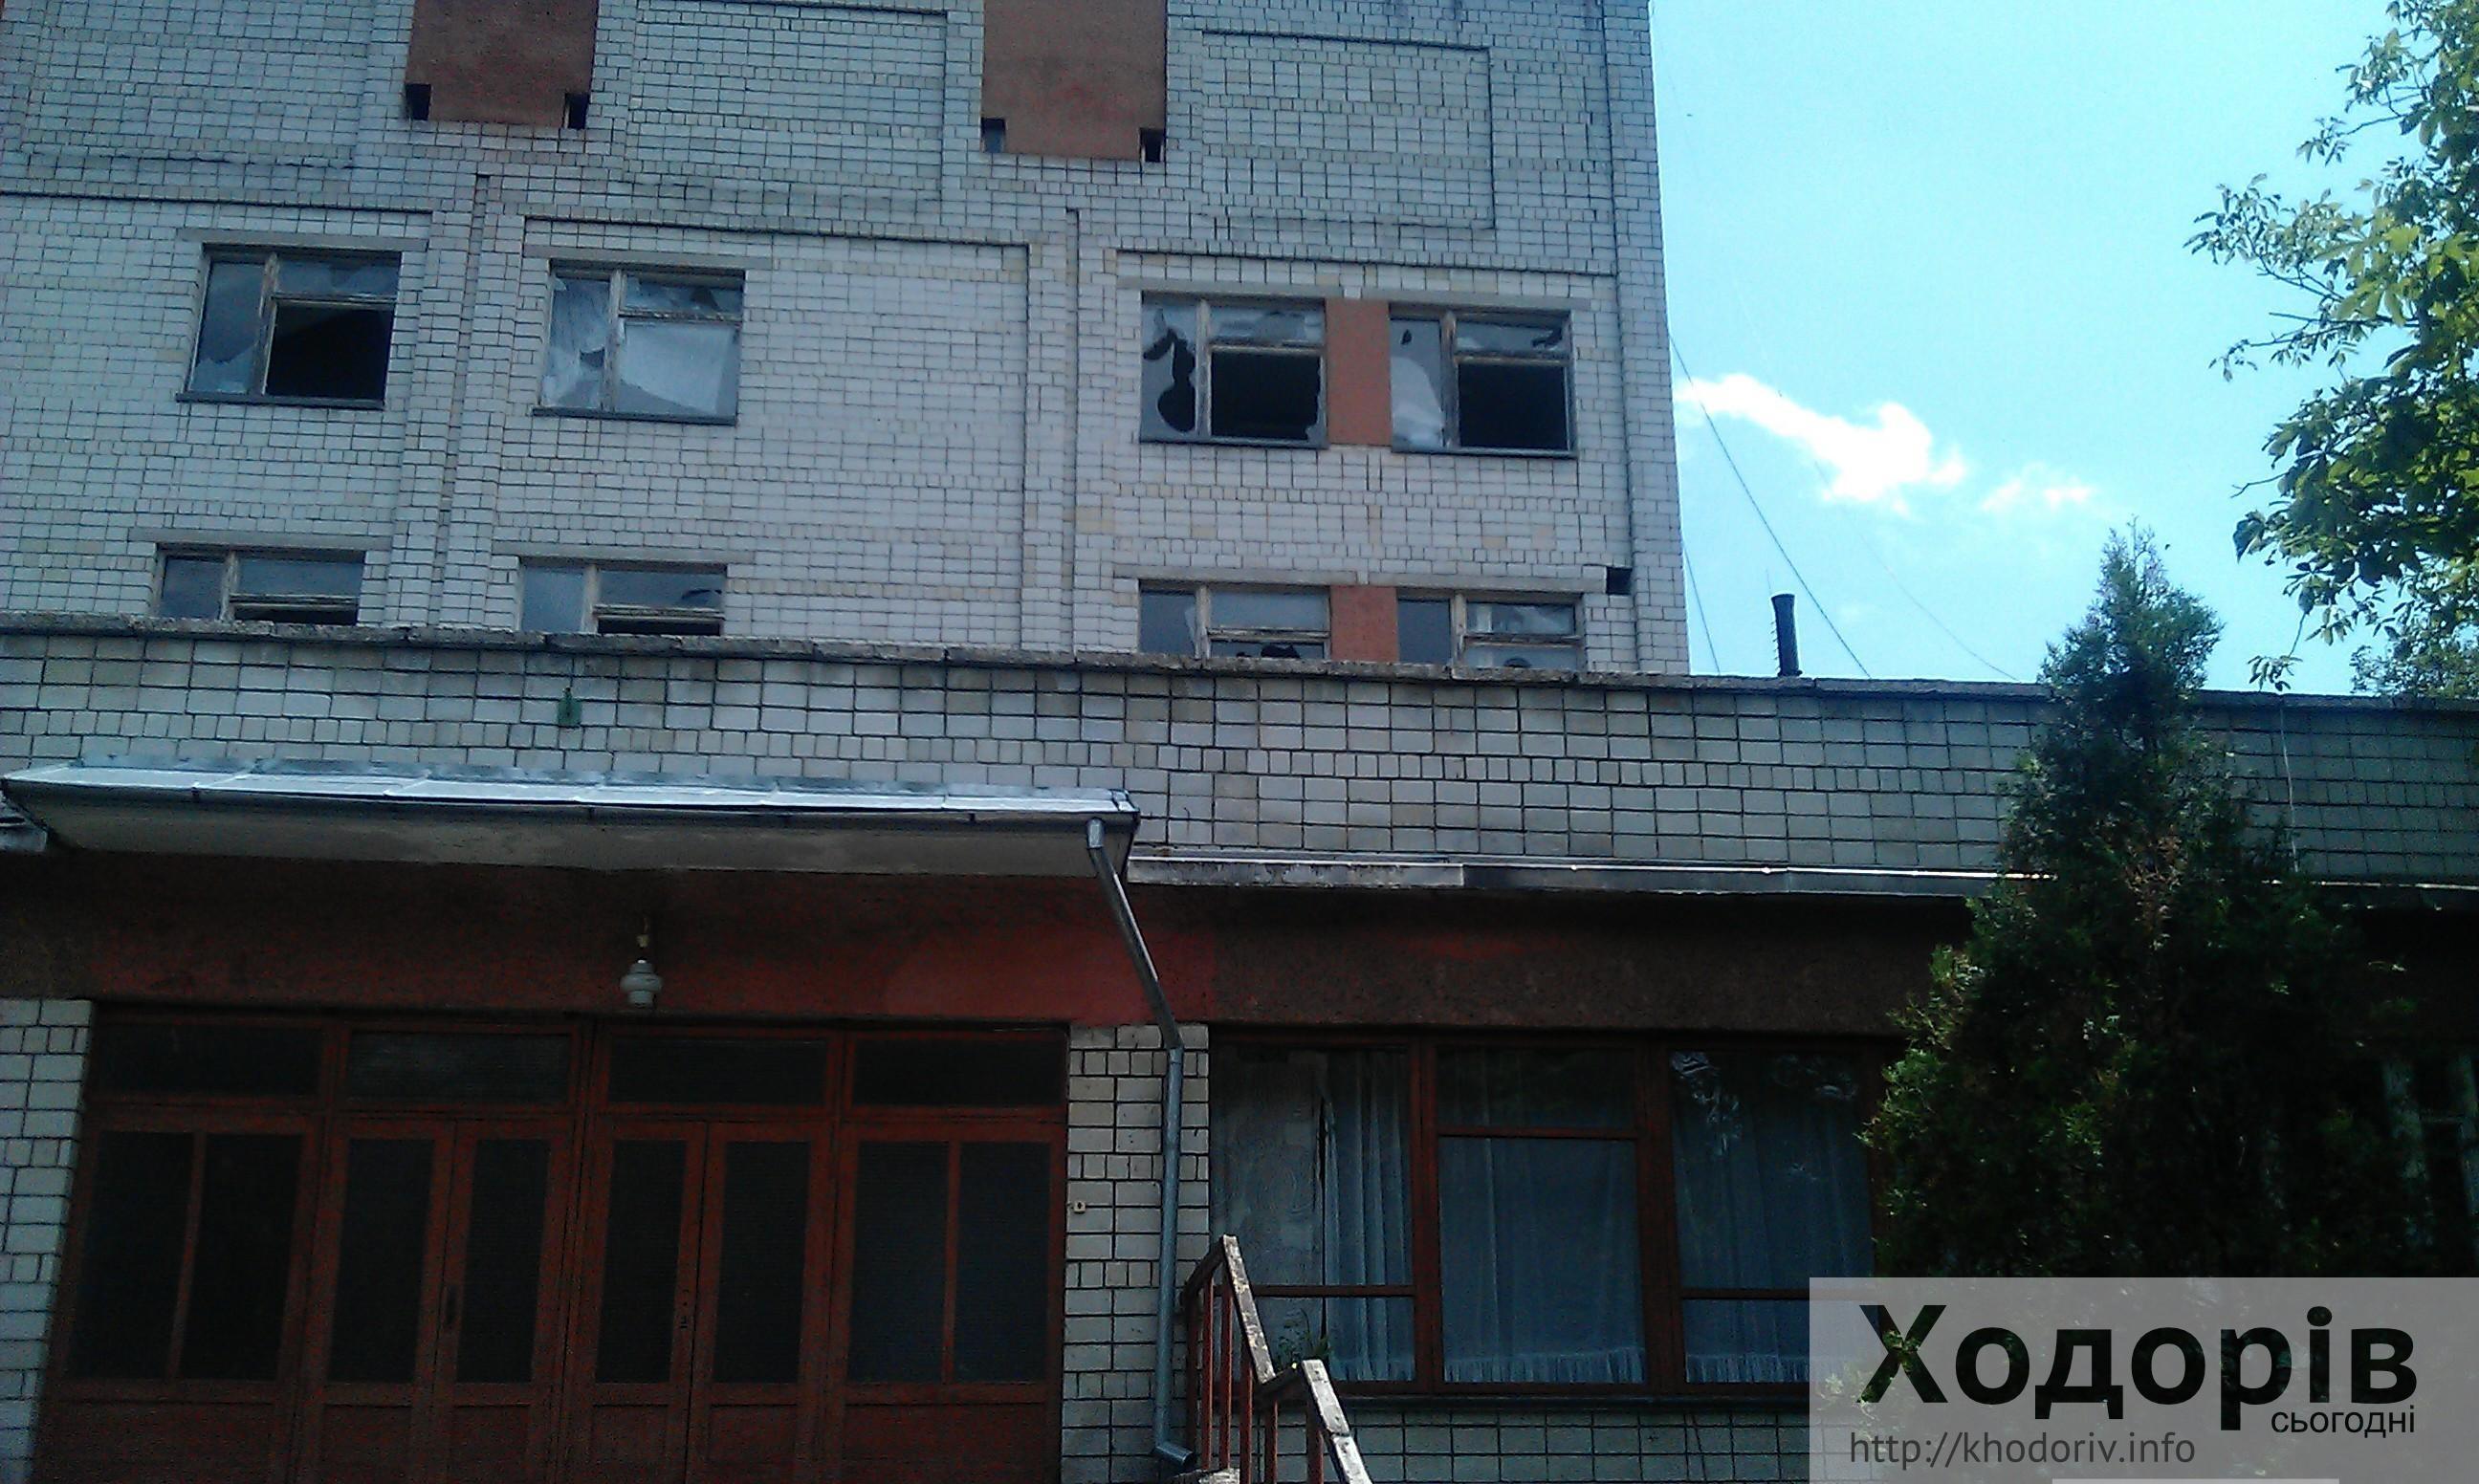 Побиті вікна Ходорівської Районної Лікарні